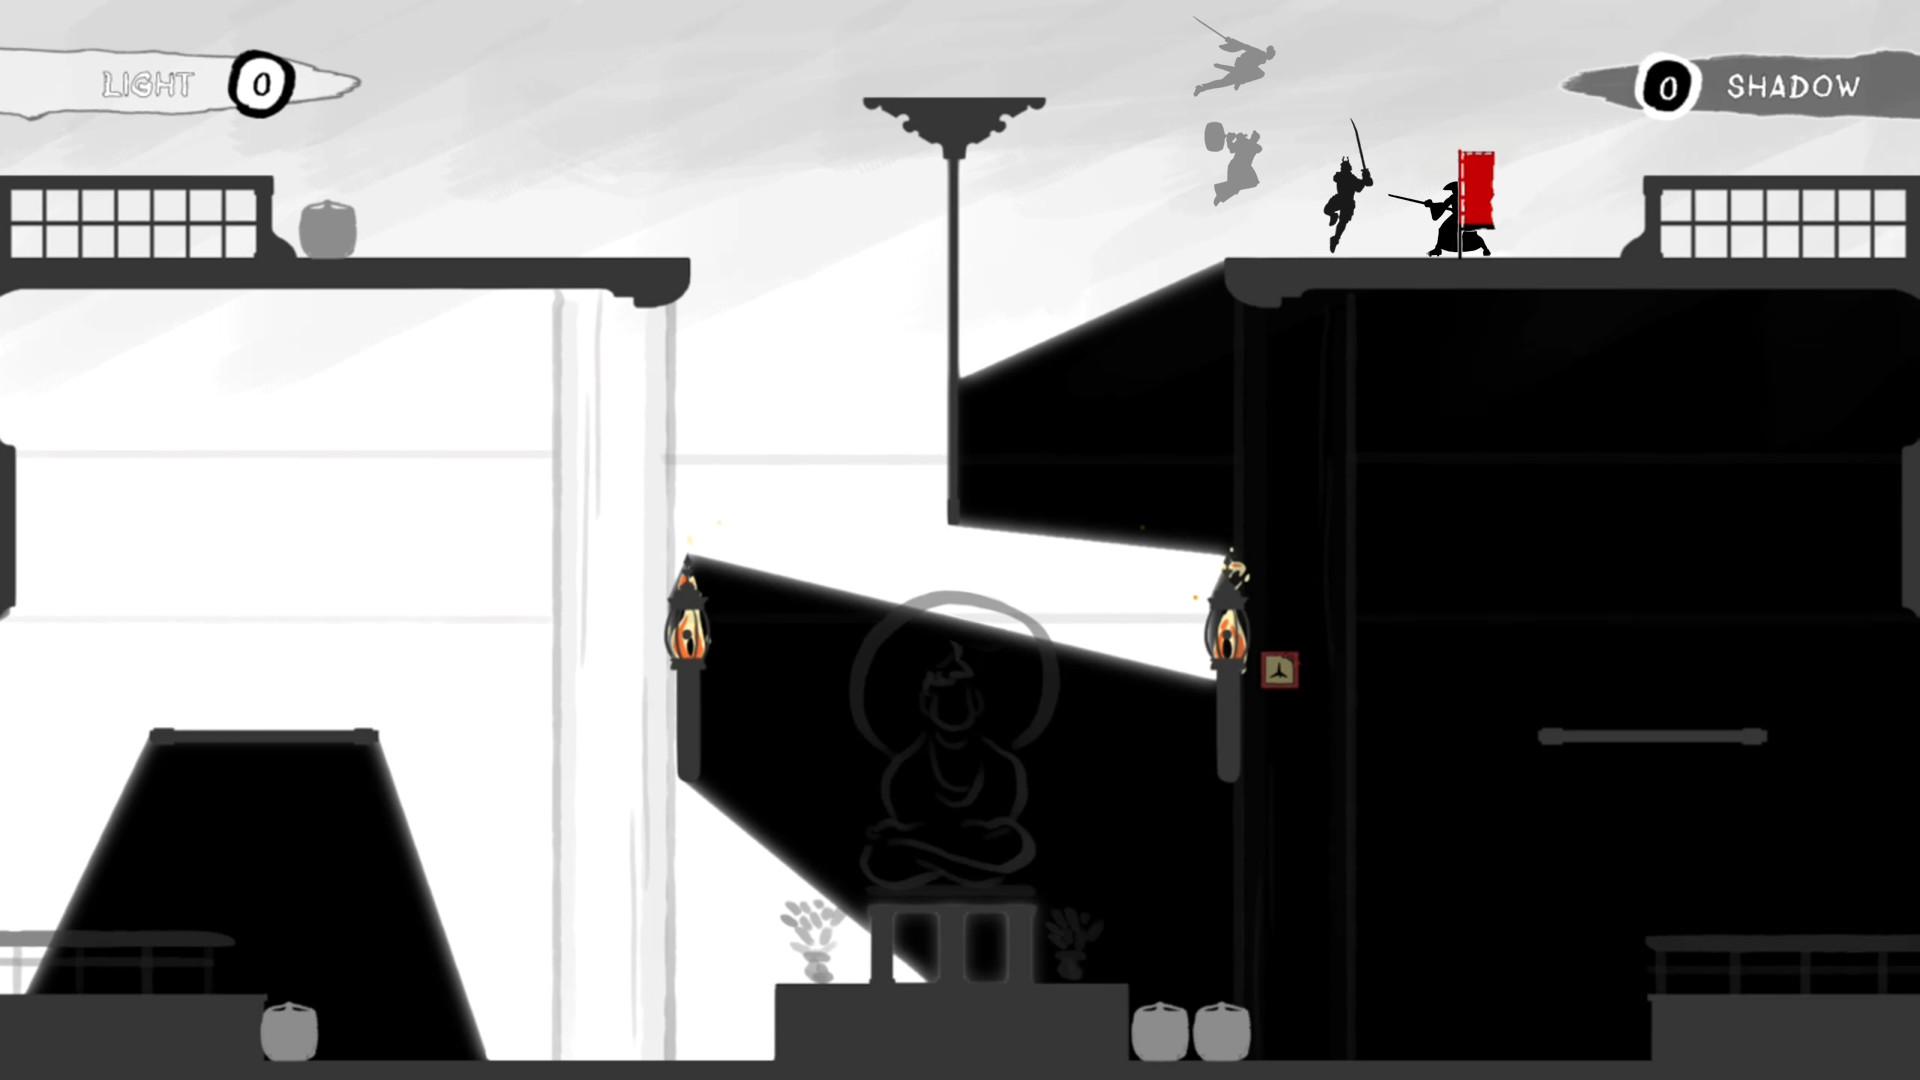 Black & White Bushido screenshot